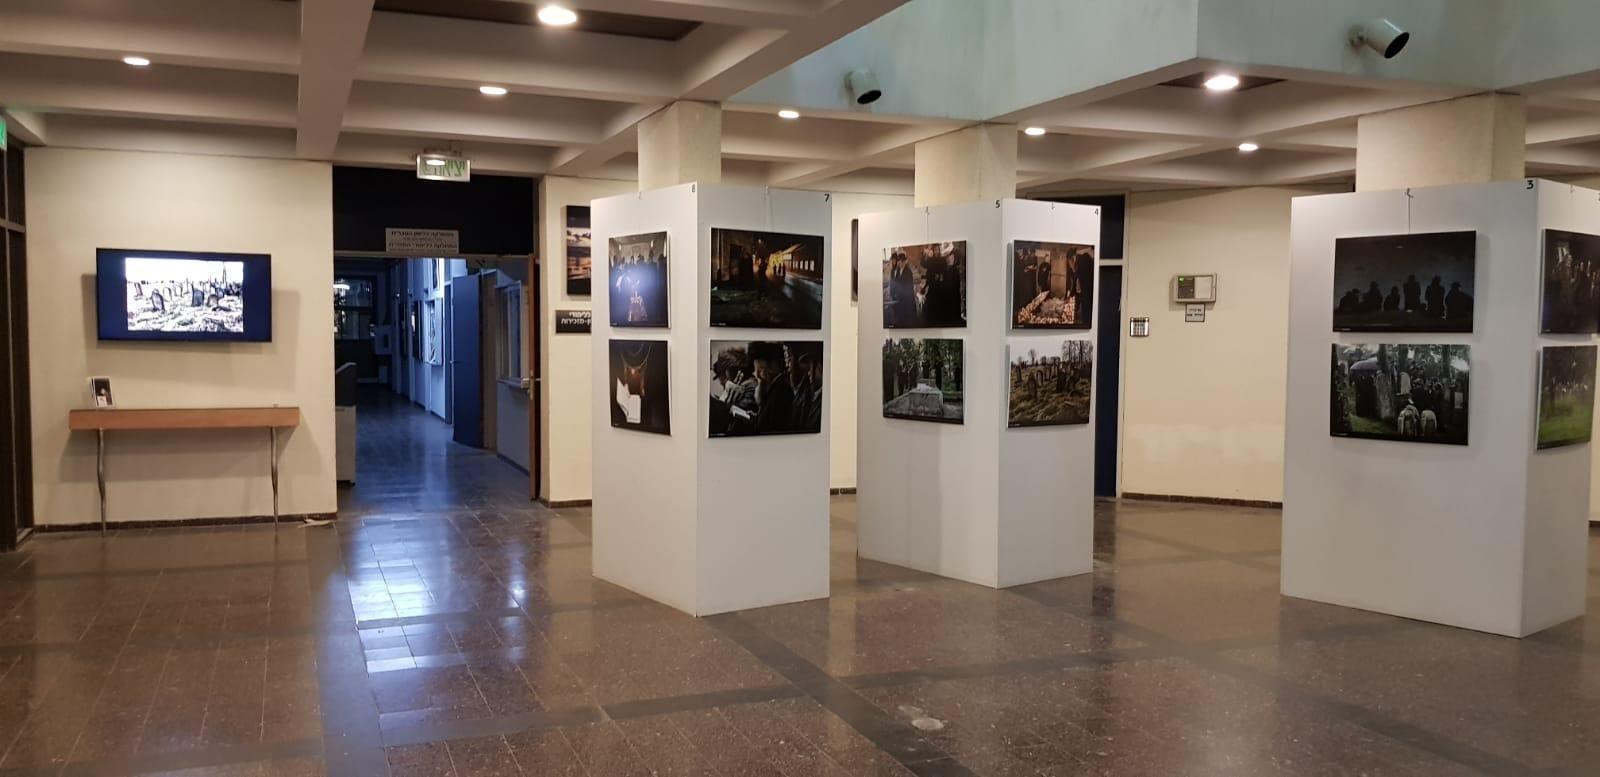 תערוכת תצלומים ודוקומנטציה במחלקה לאמנות יהודית באוניברסיטת בר-אילן (WALL HOOKS)